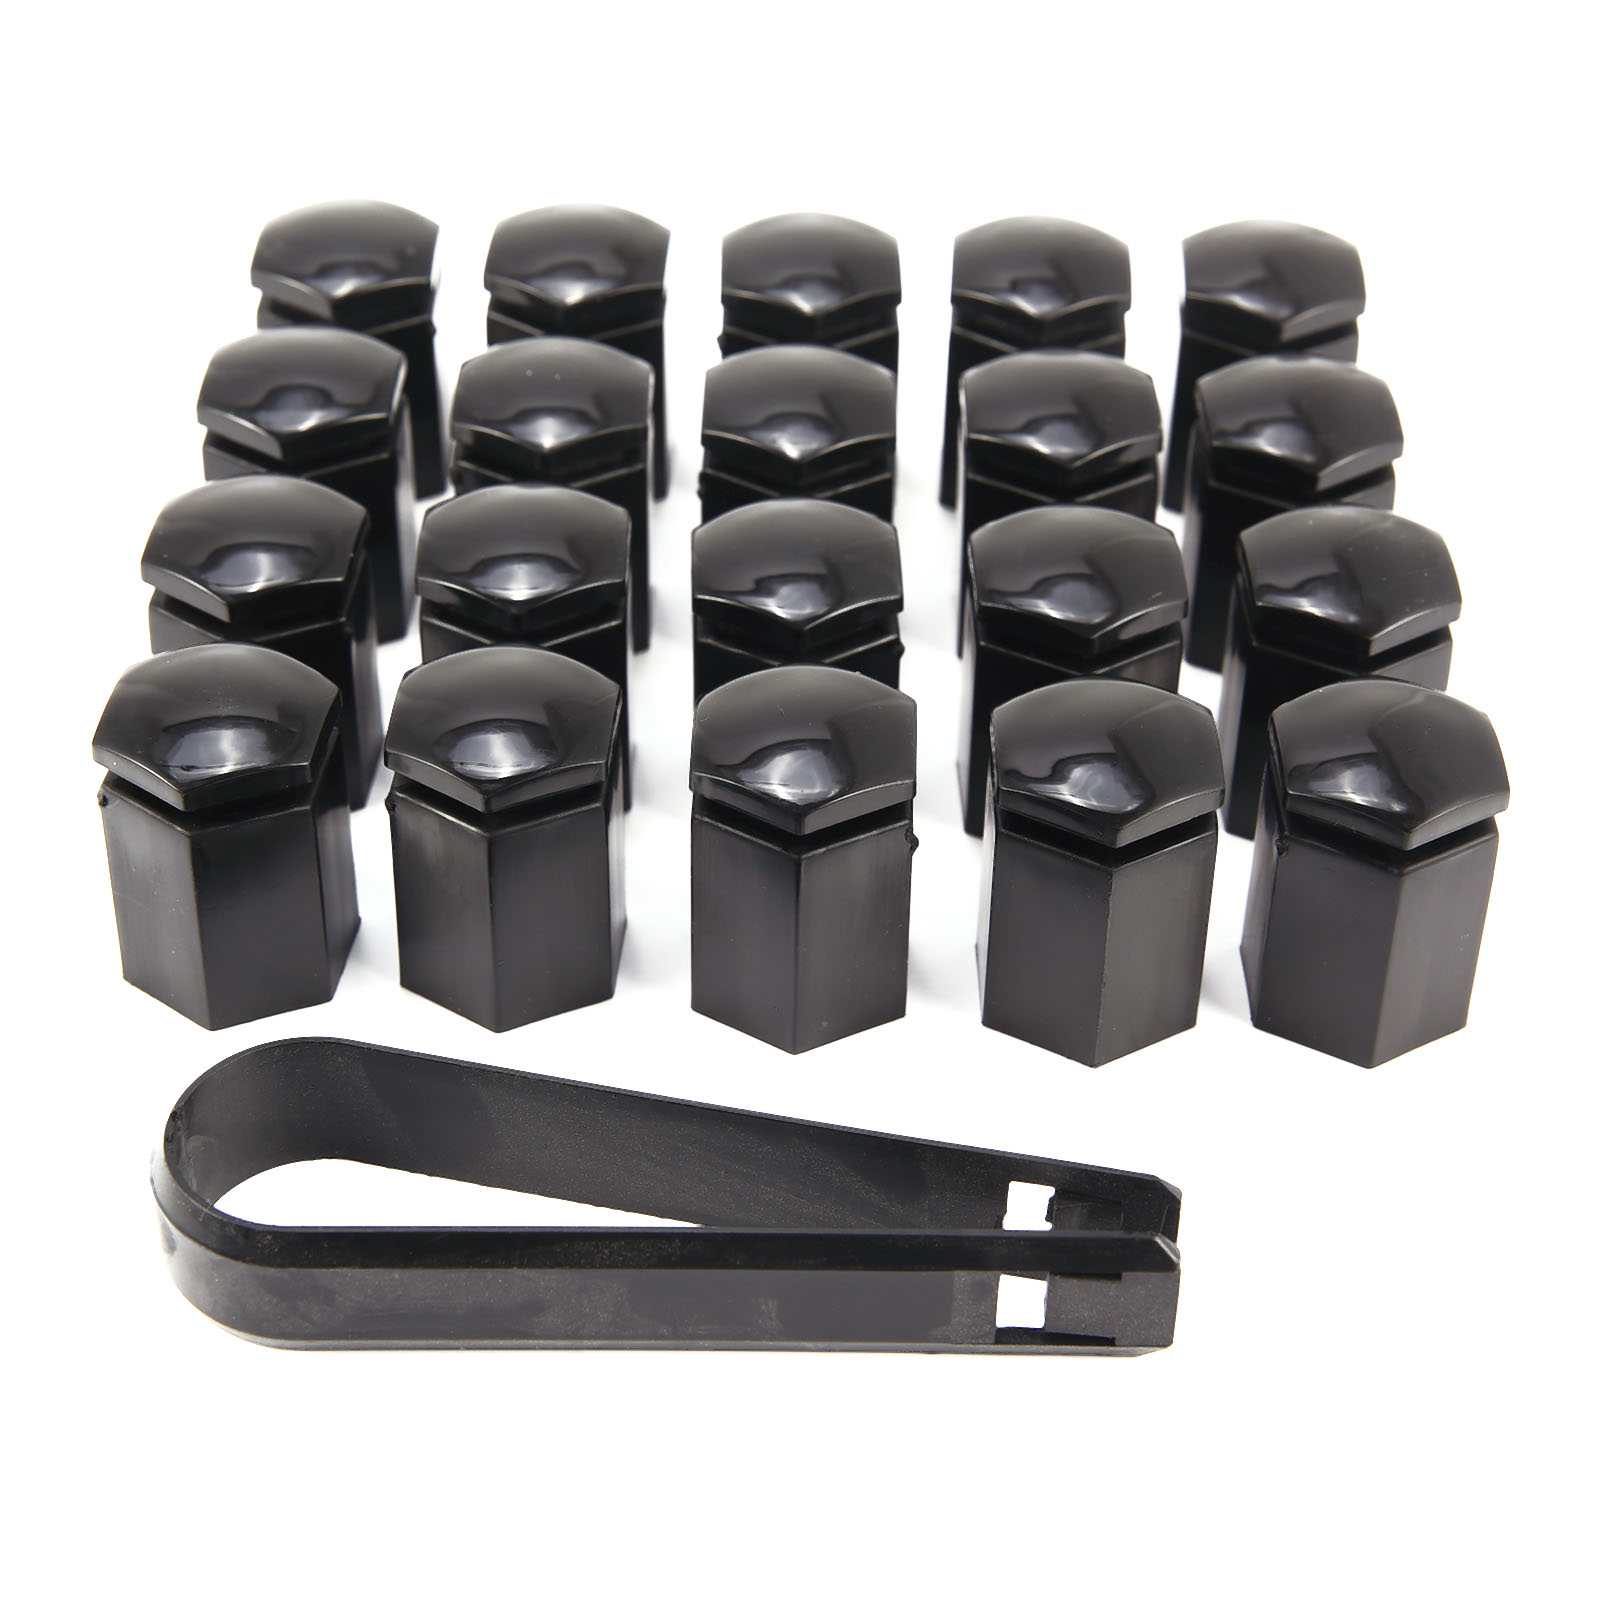 20x radschrauben radbolzen radmutter kappen abdeckung sw17 inkl abzieher ebay. Black Bedroom Furniture Sets. Home Design Ideas